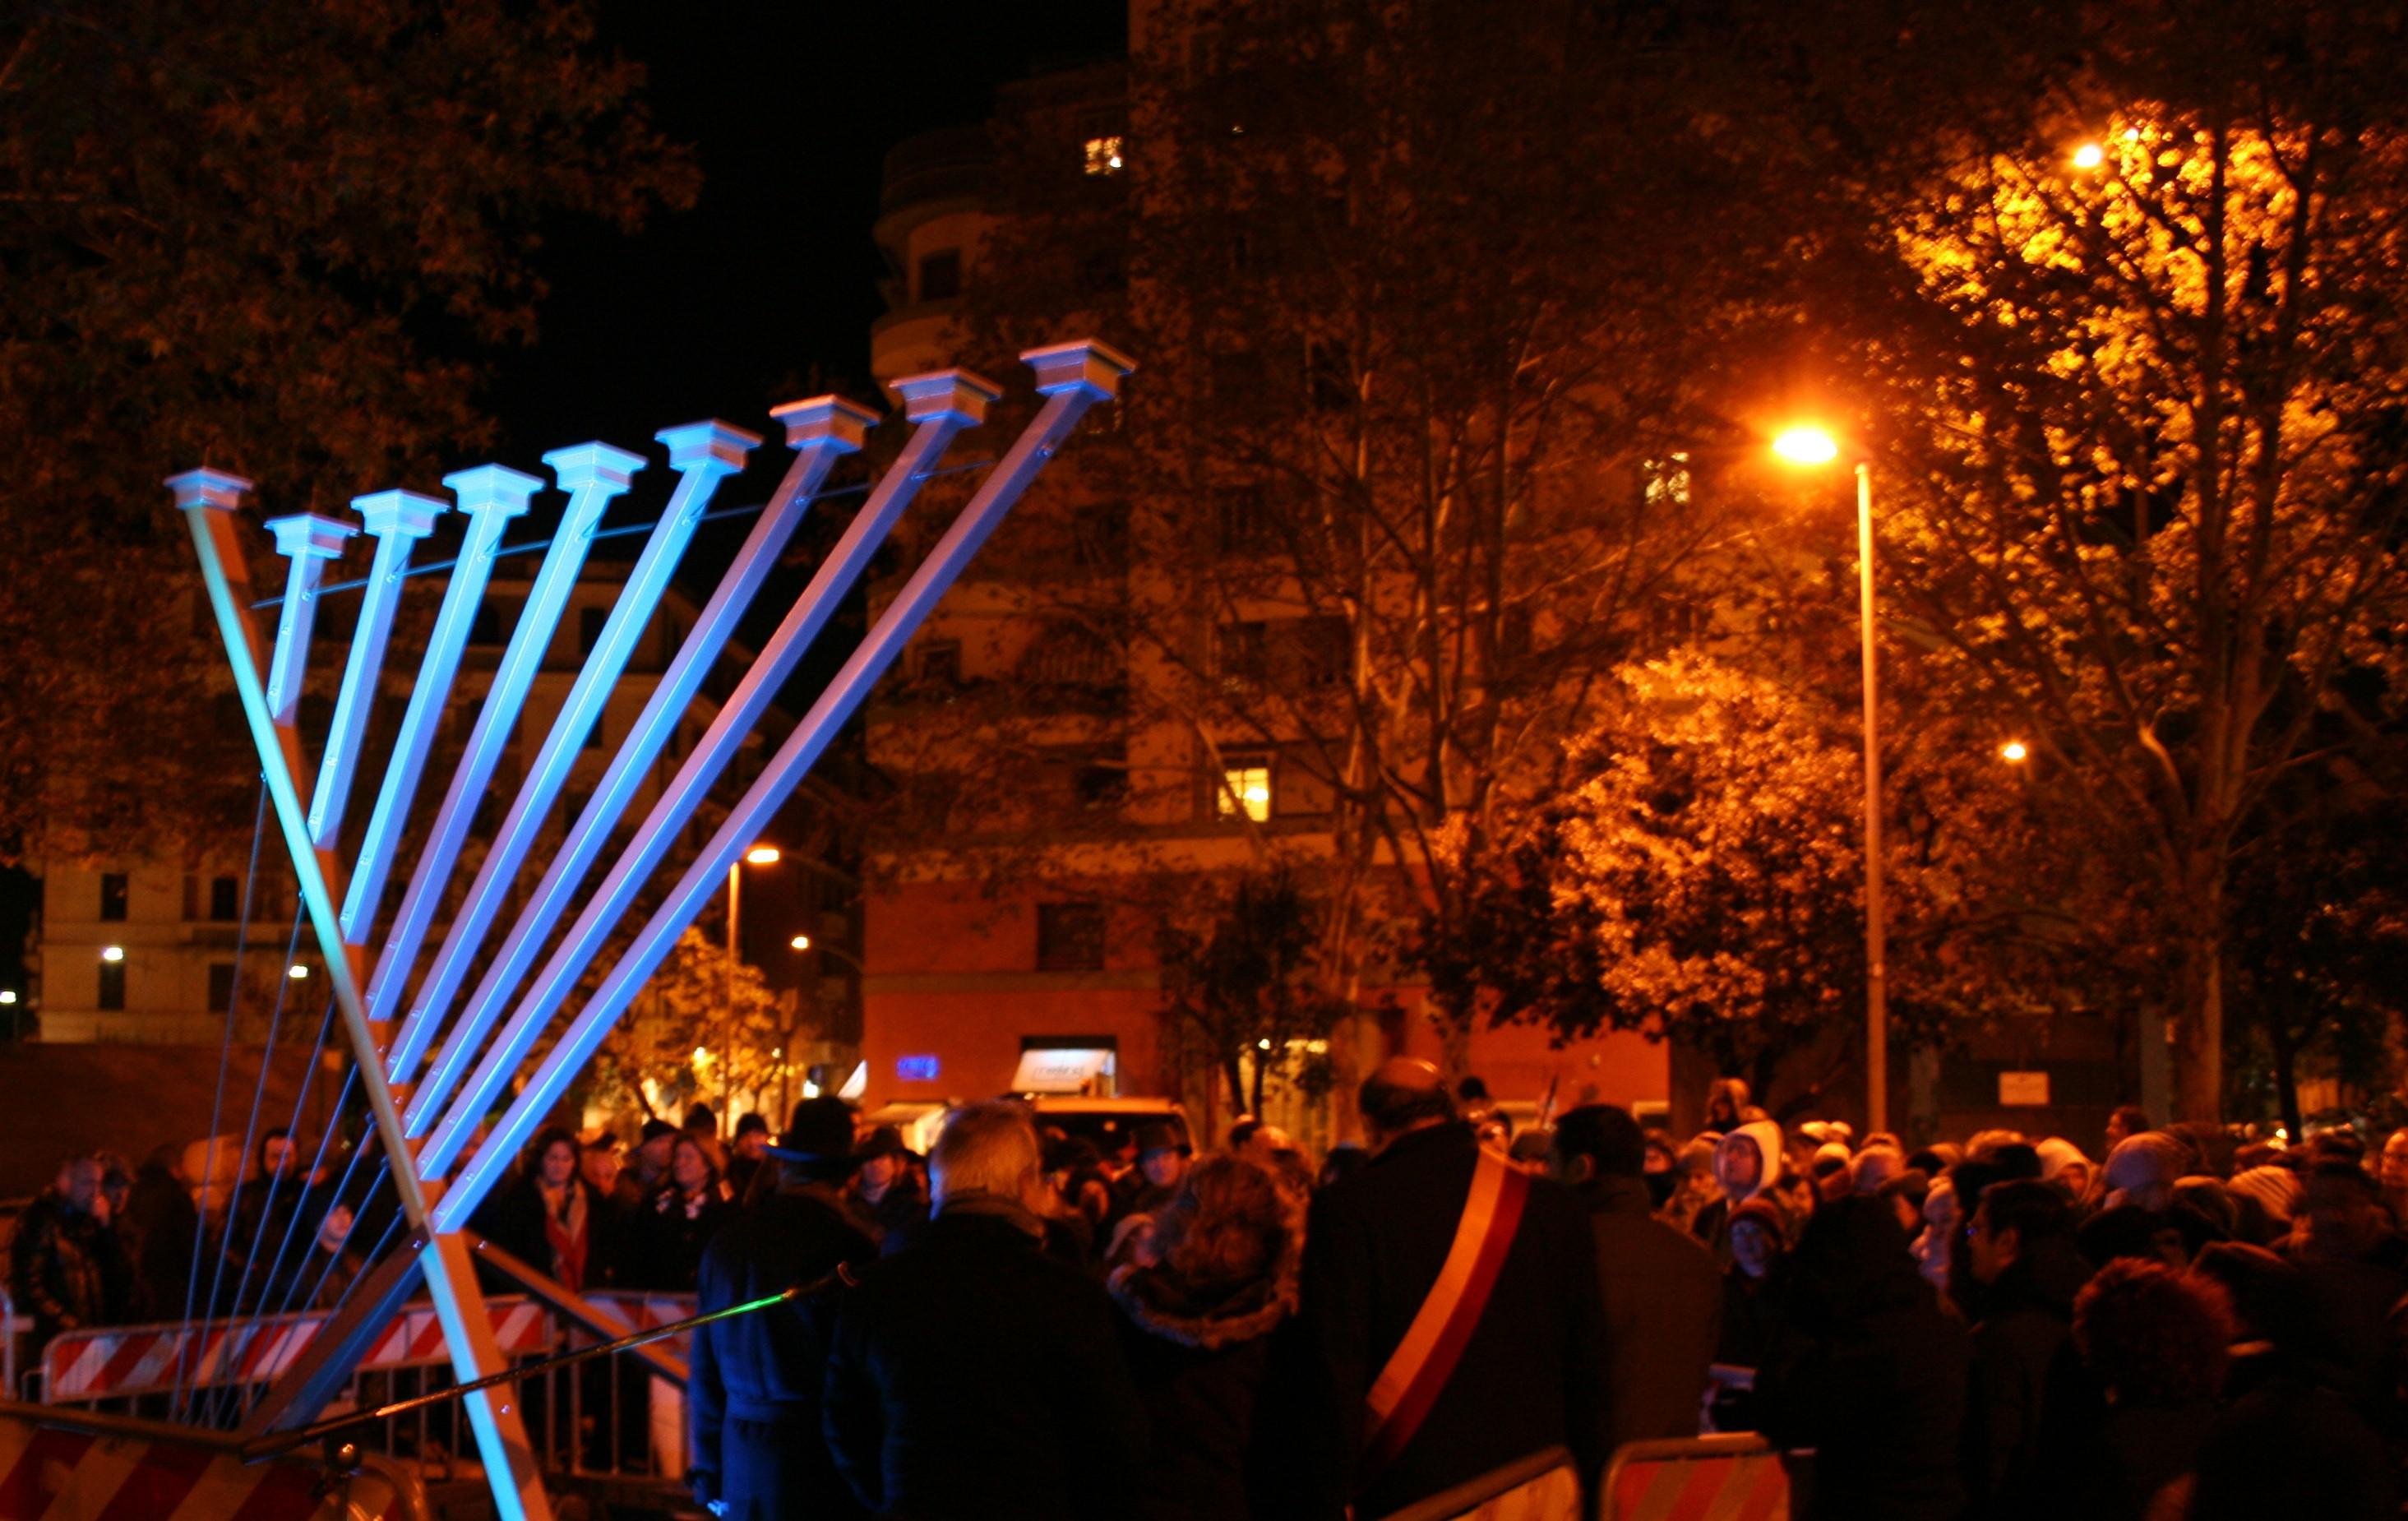 Chanukah lighting